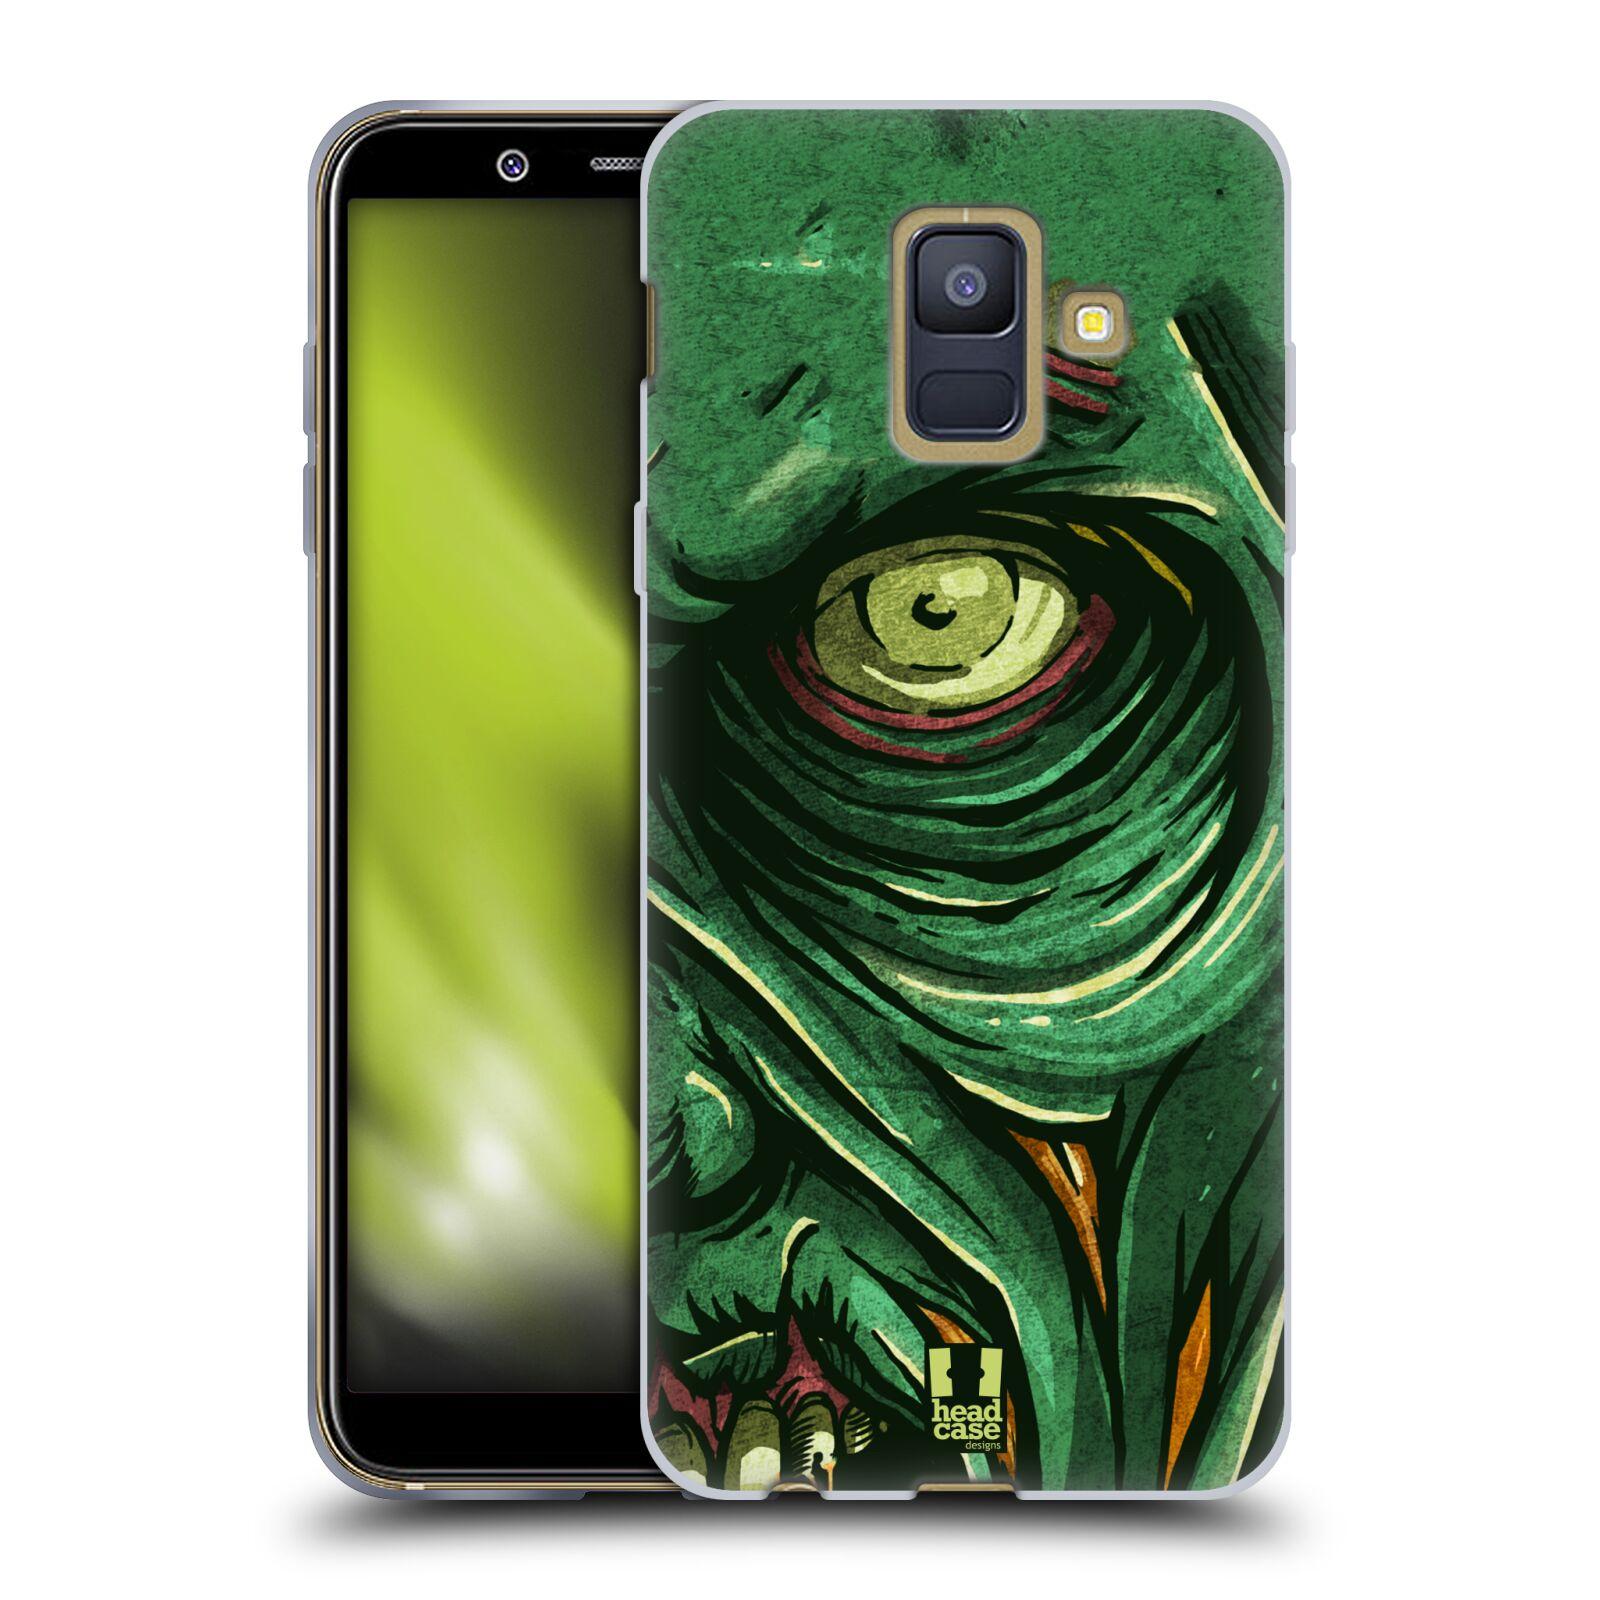 Silikonové pouzdro na mobil Samsung Galaxy A6 (2018) - Head Case - ZOMBIE TVÁŘ